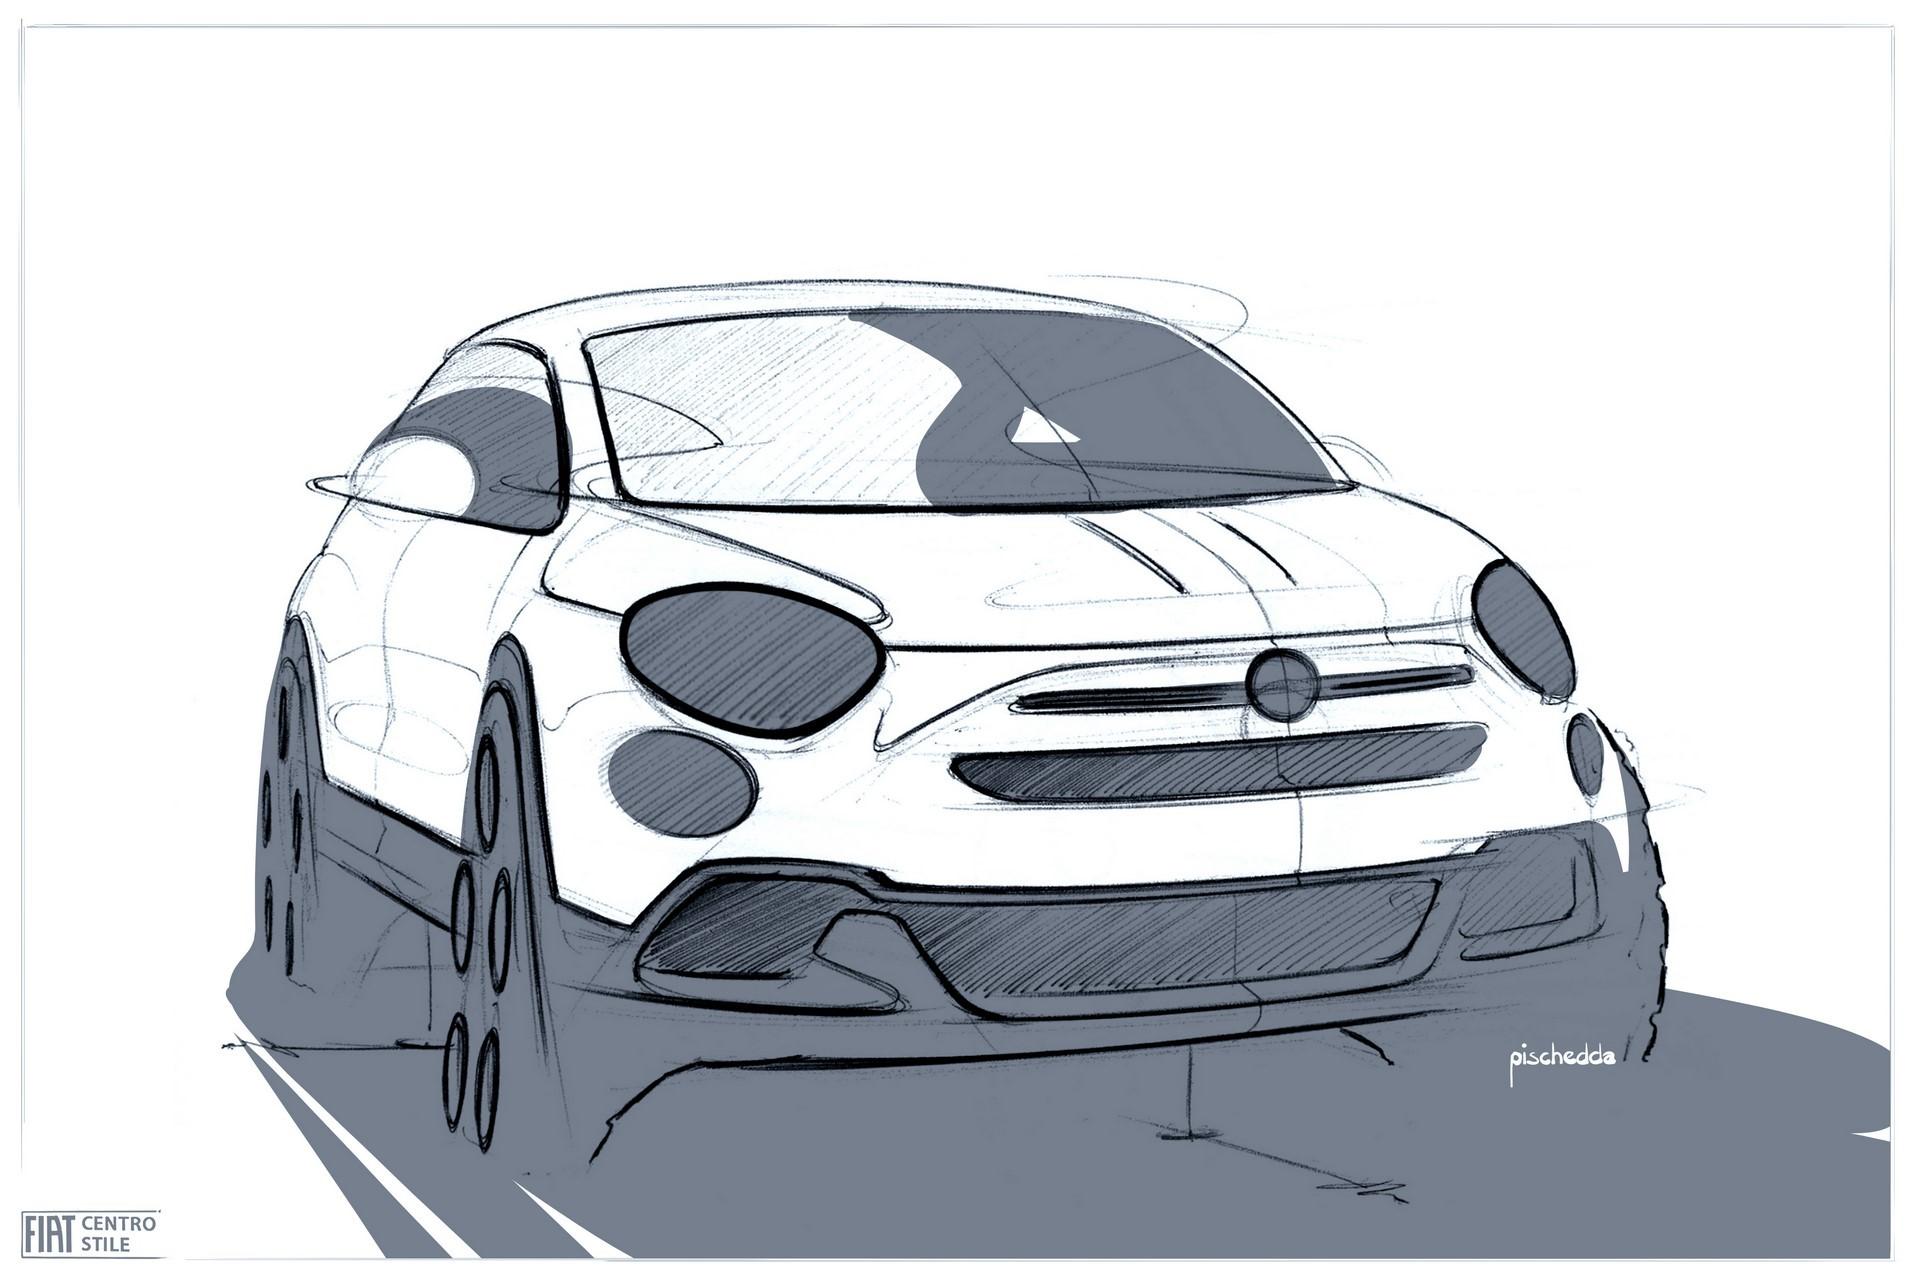 180828_Fiat_New-500X-sketch_01